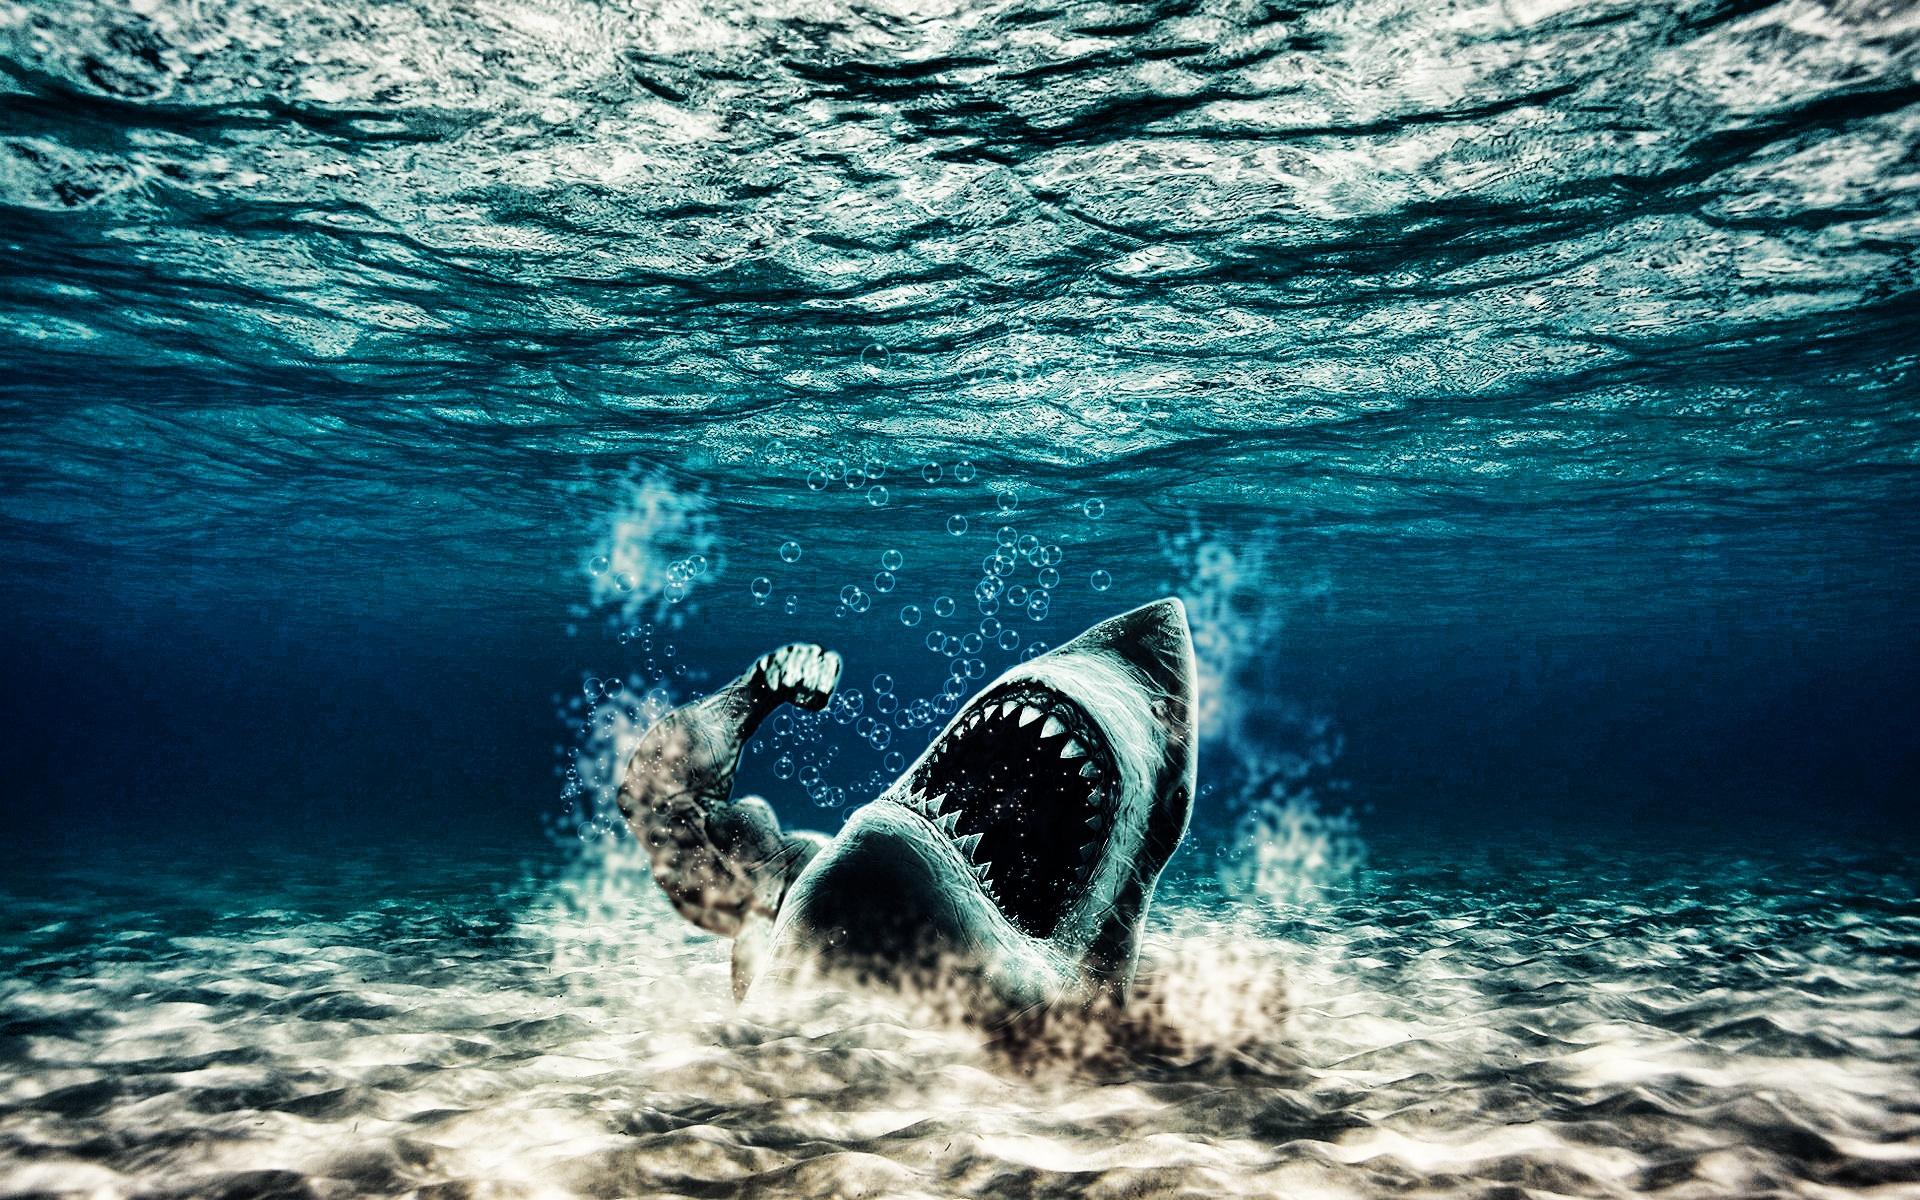 Графика под водой  № 2252542  скачать